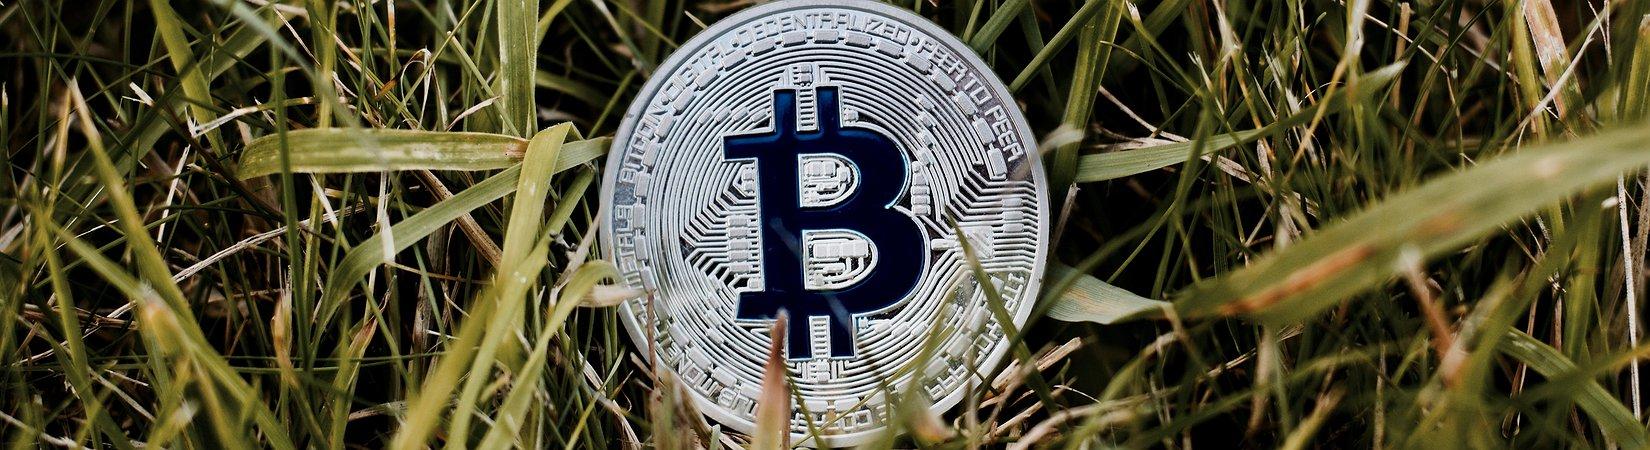 Как биткоин превращается из актива в валюту